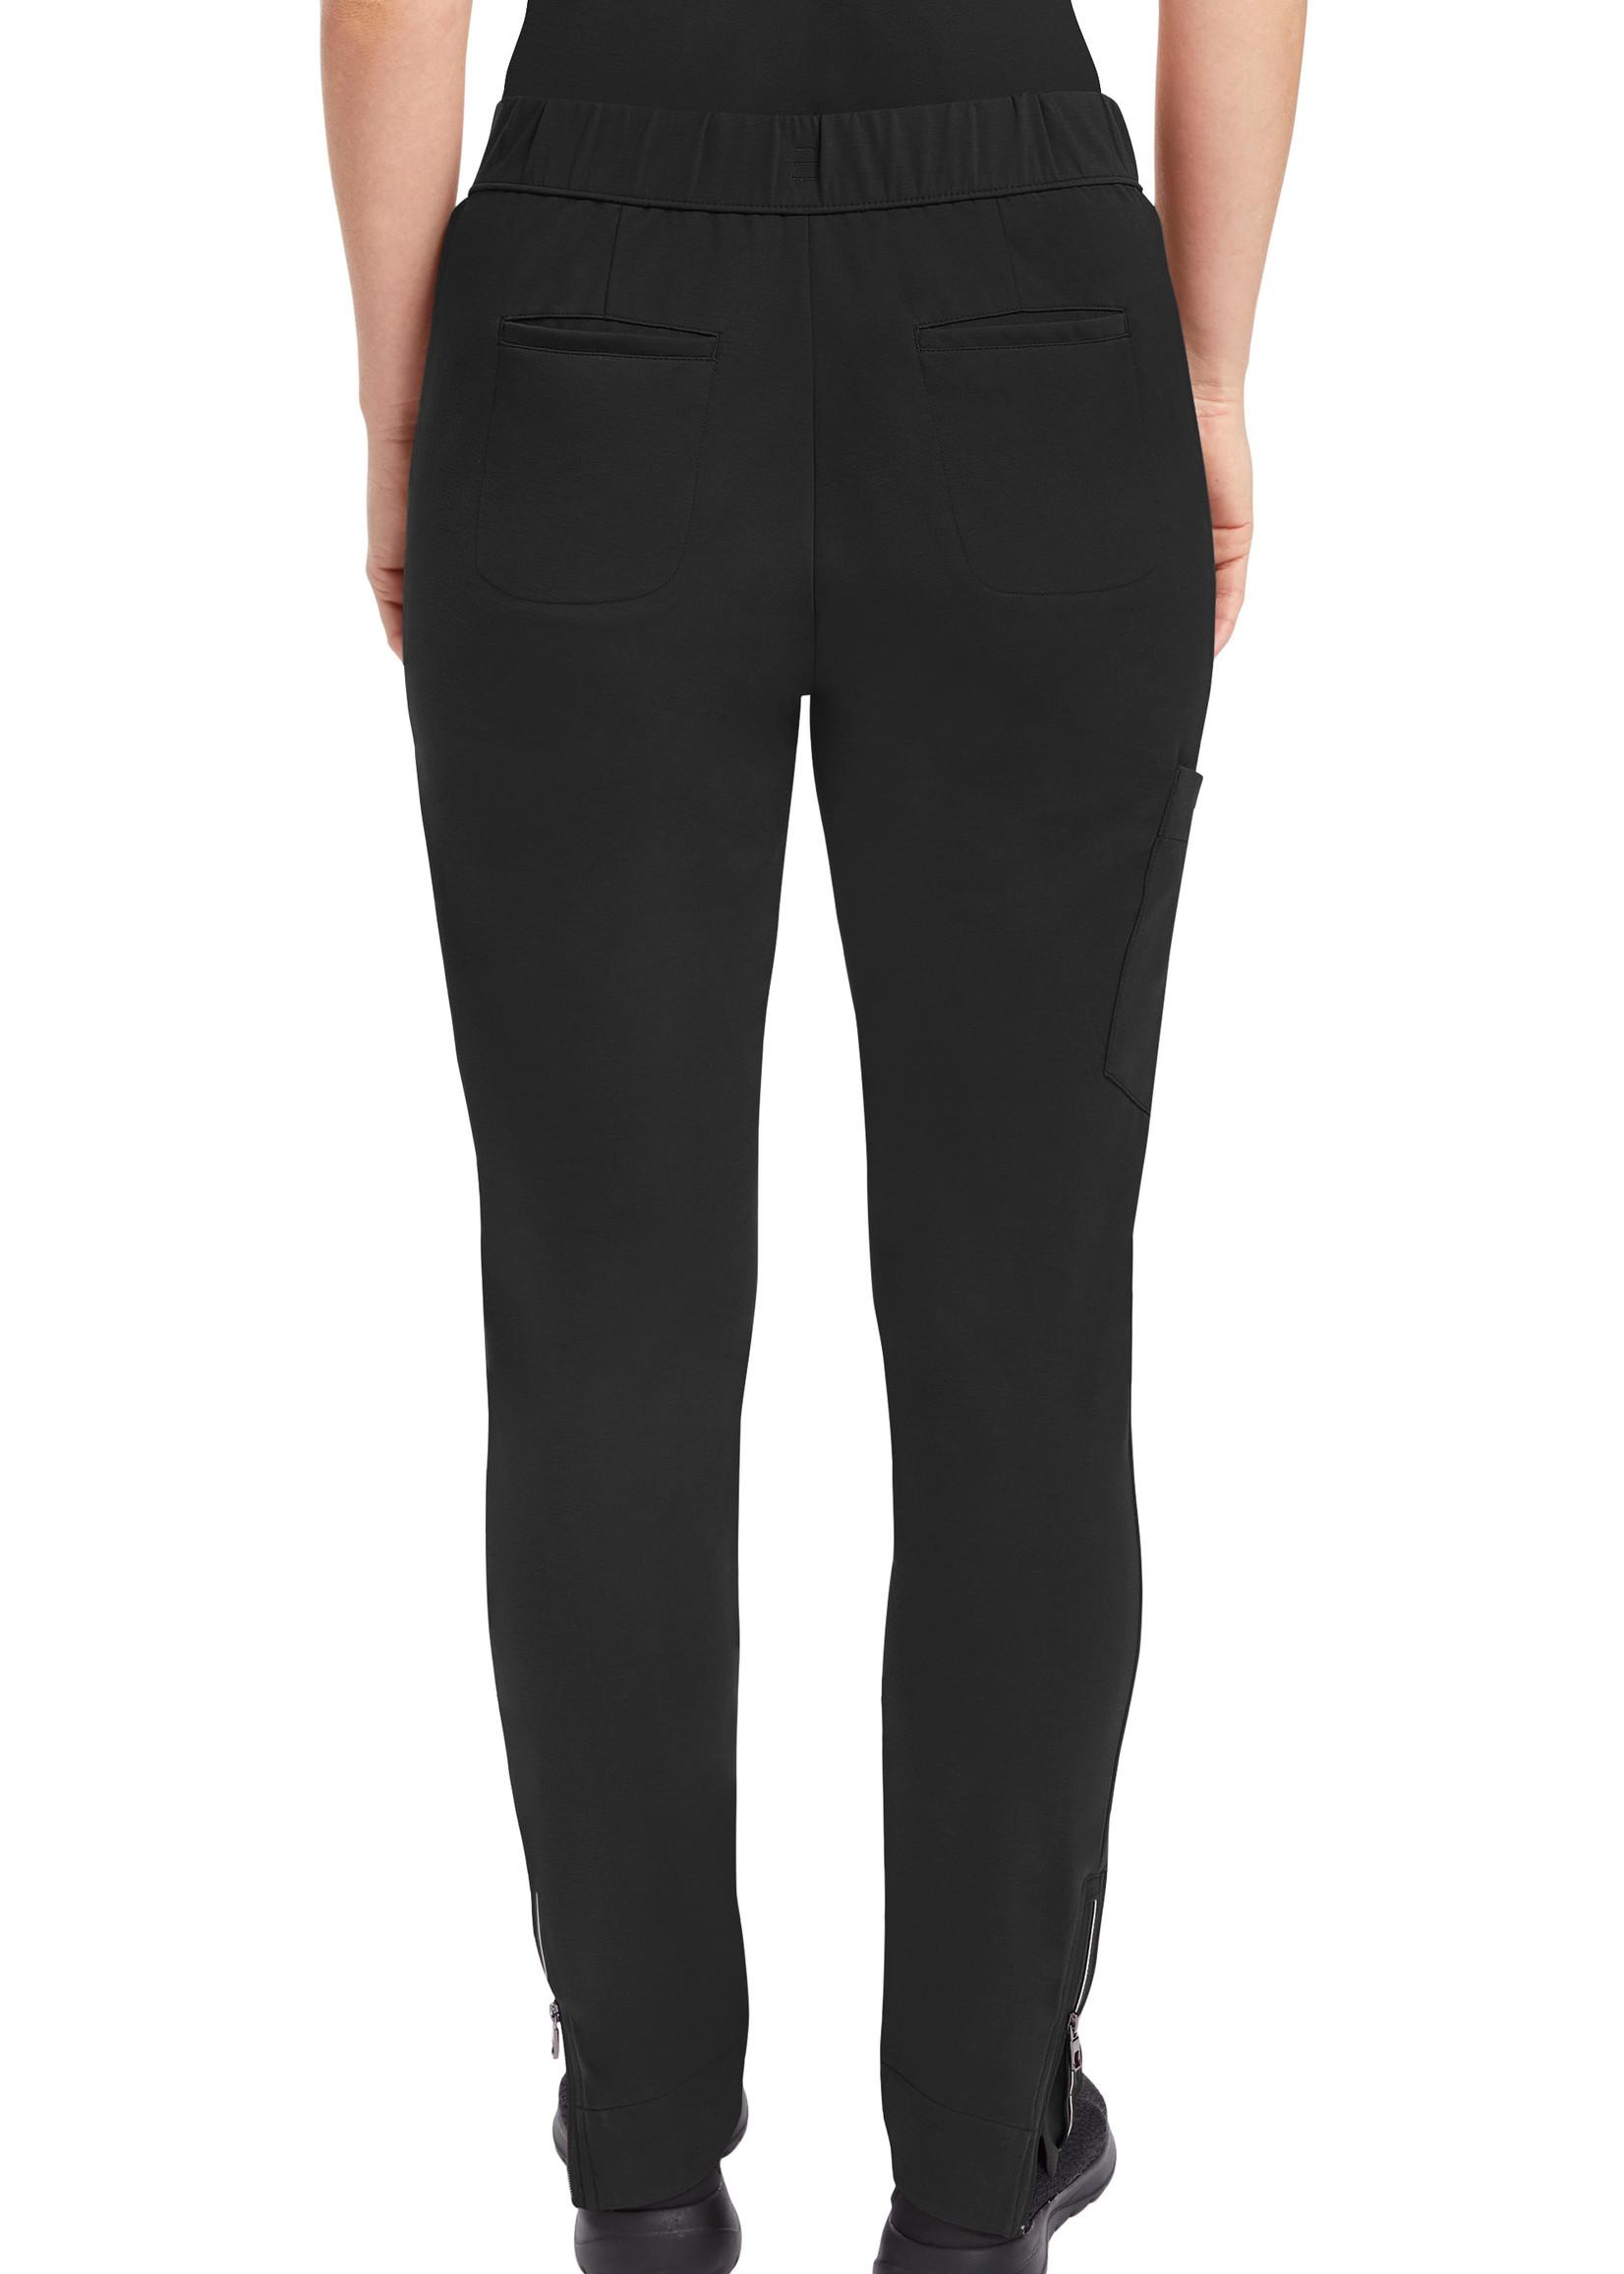 HH Onyx HH9401 Athena Pant Black